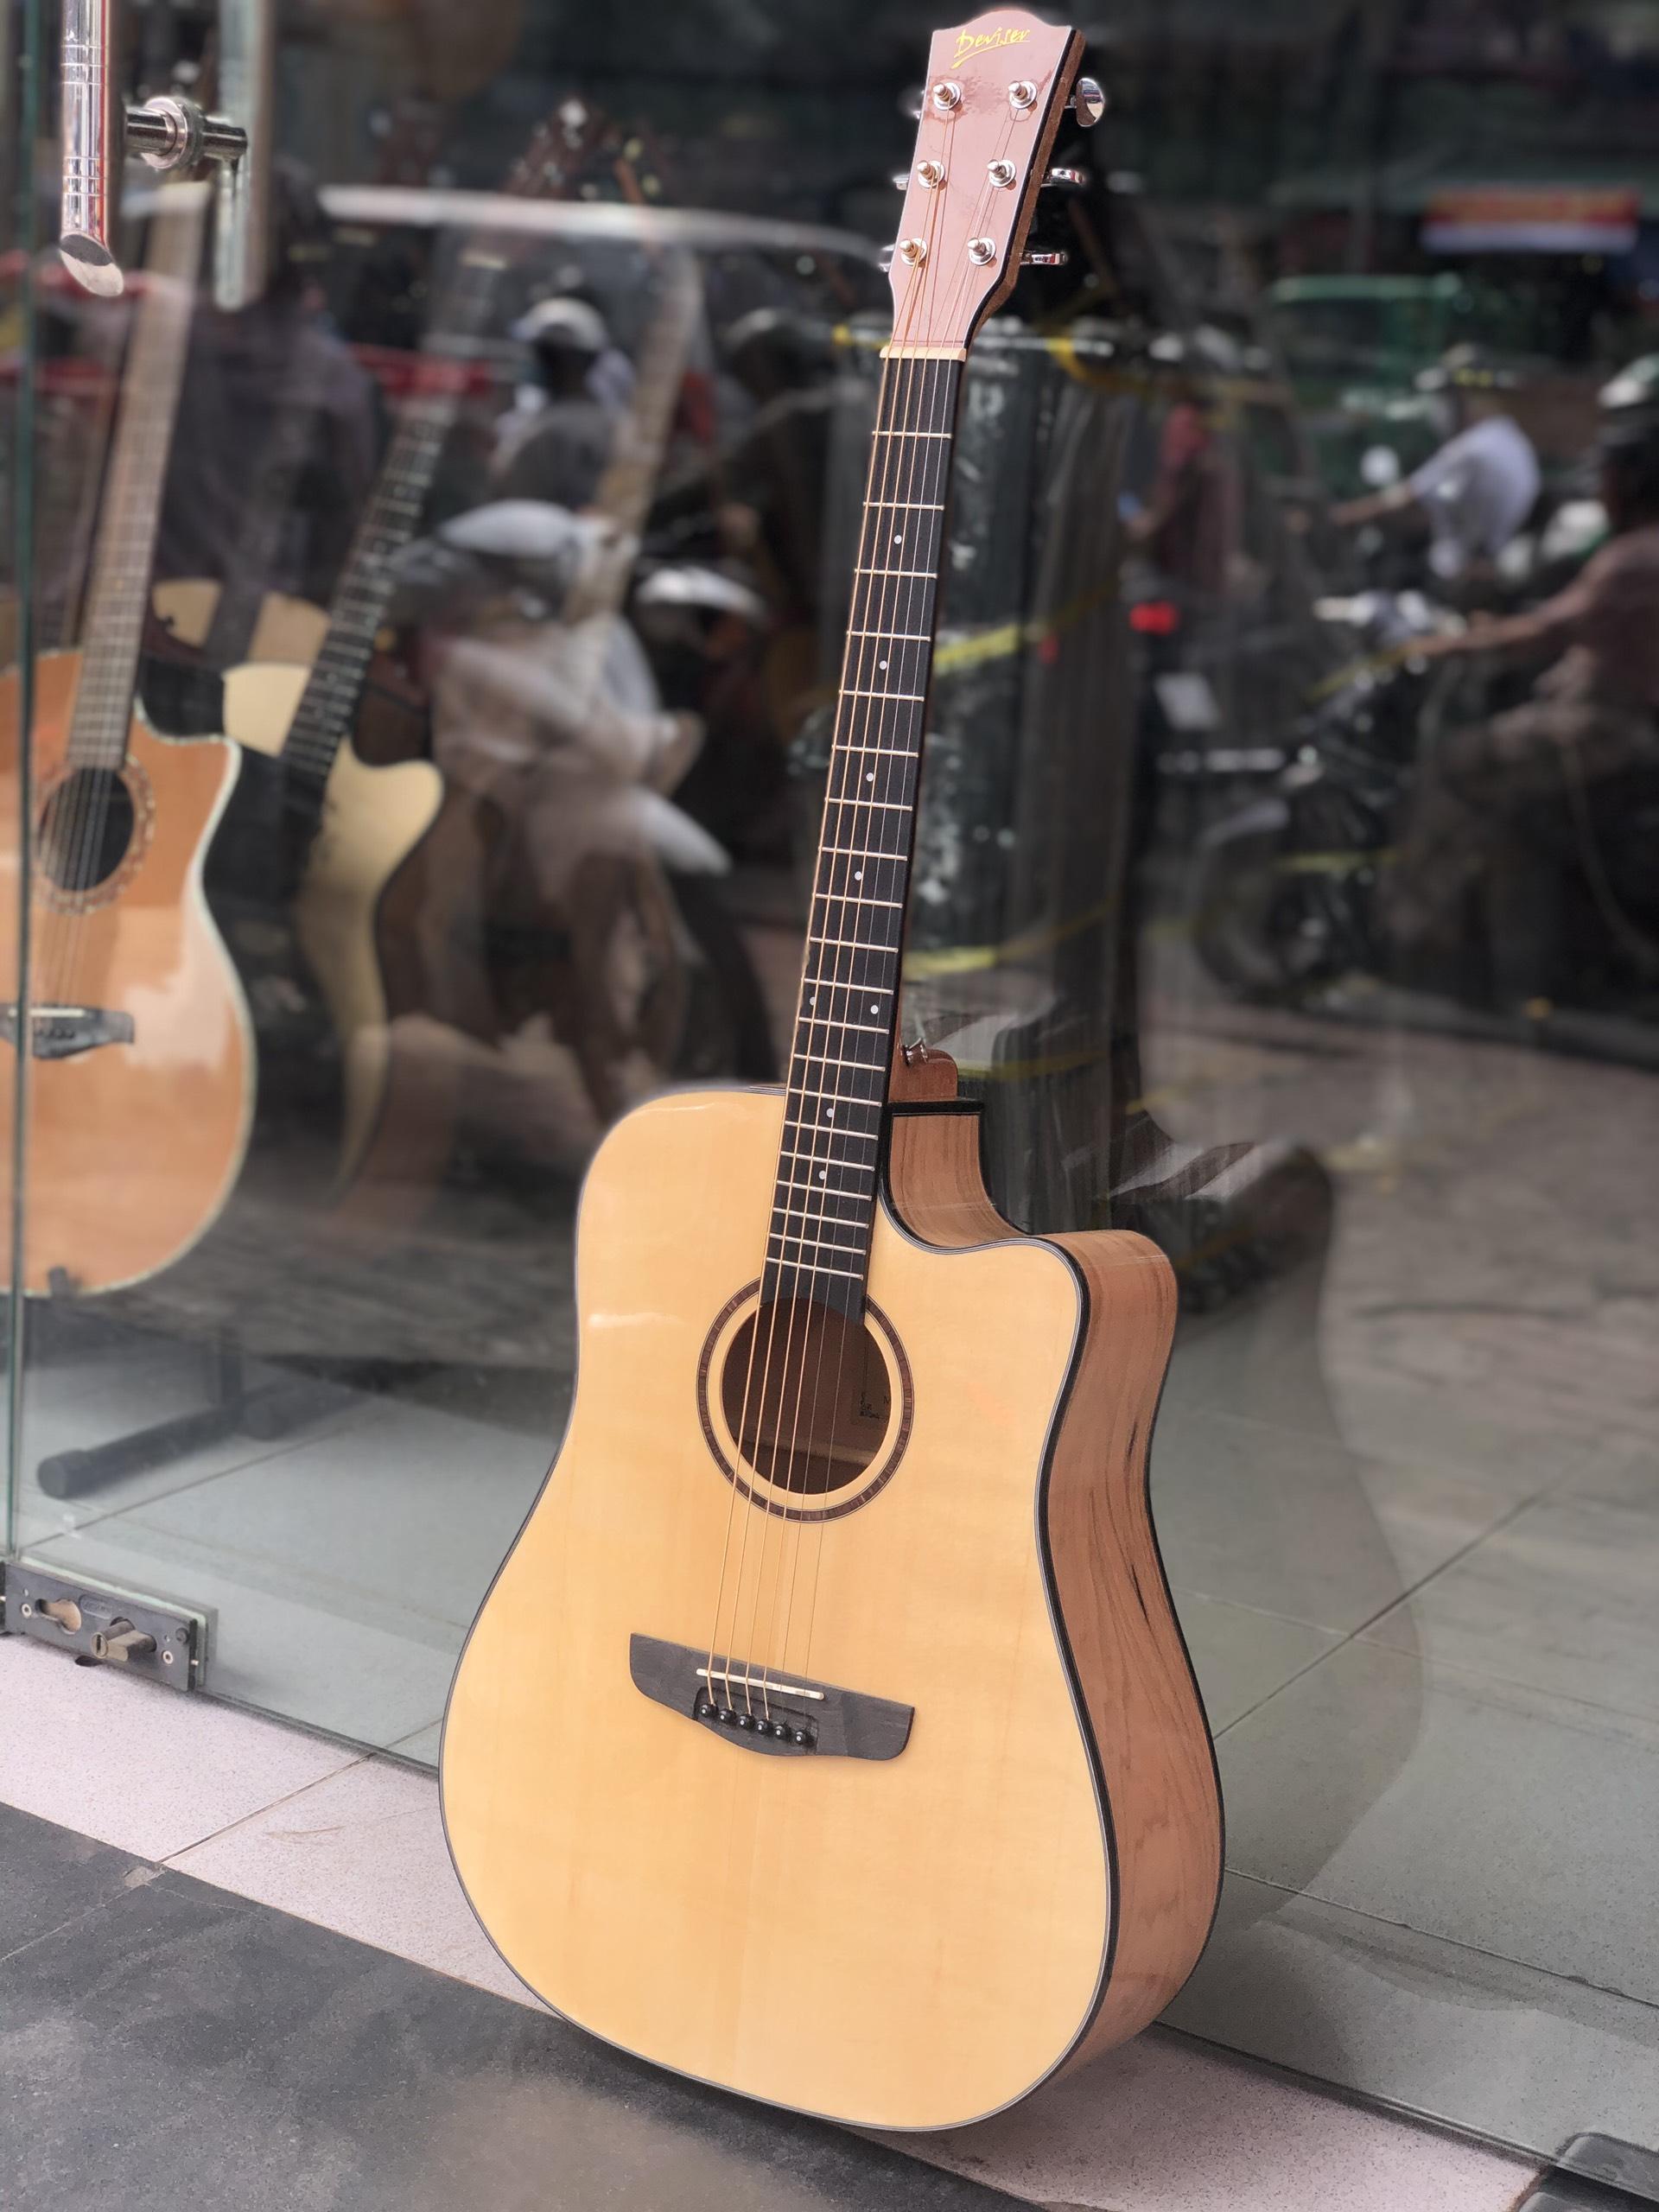 Đàn guitar Deviser mã L-810A-N chính hãng